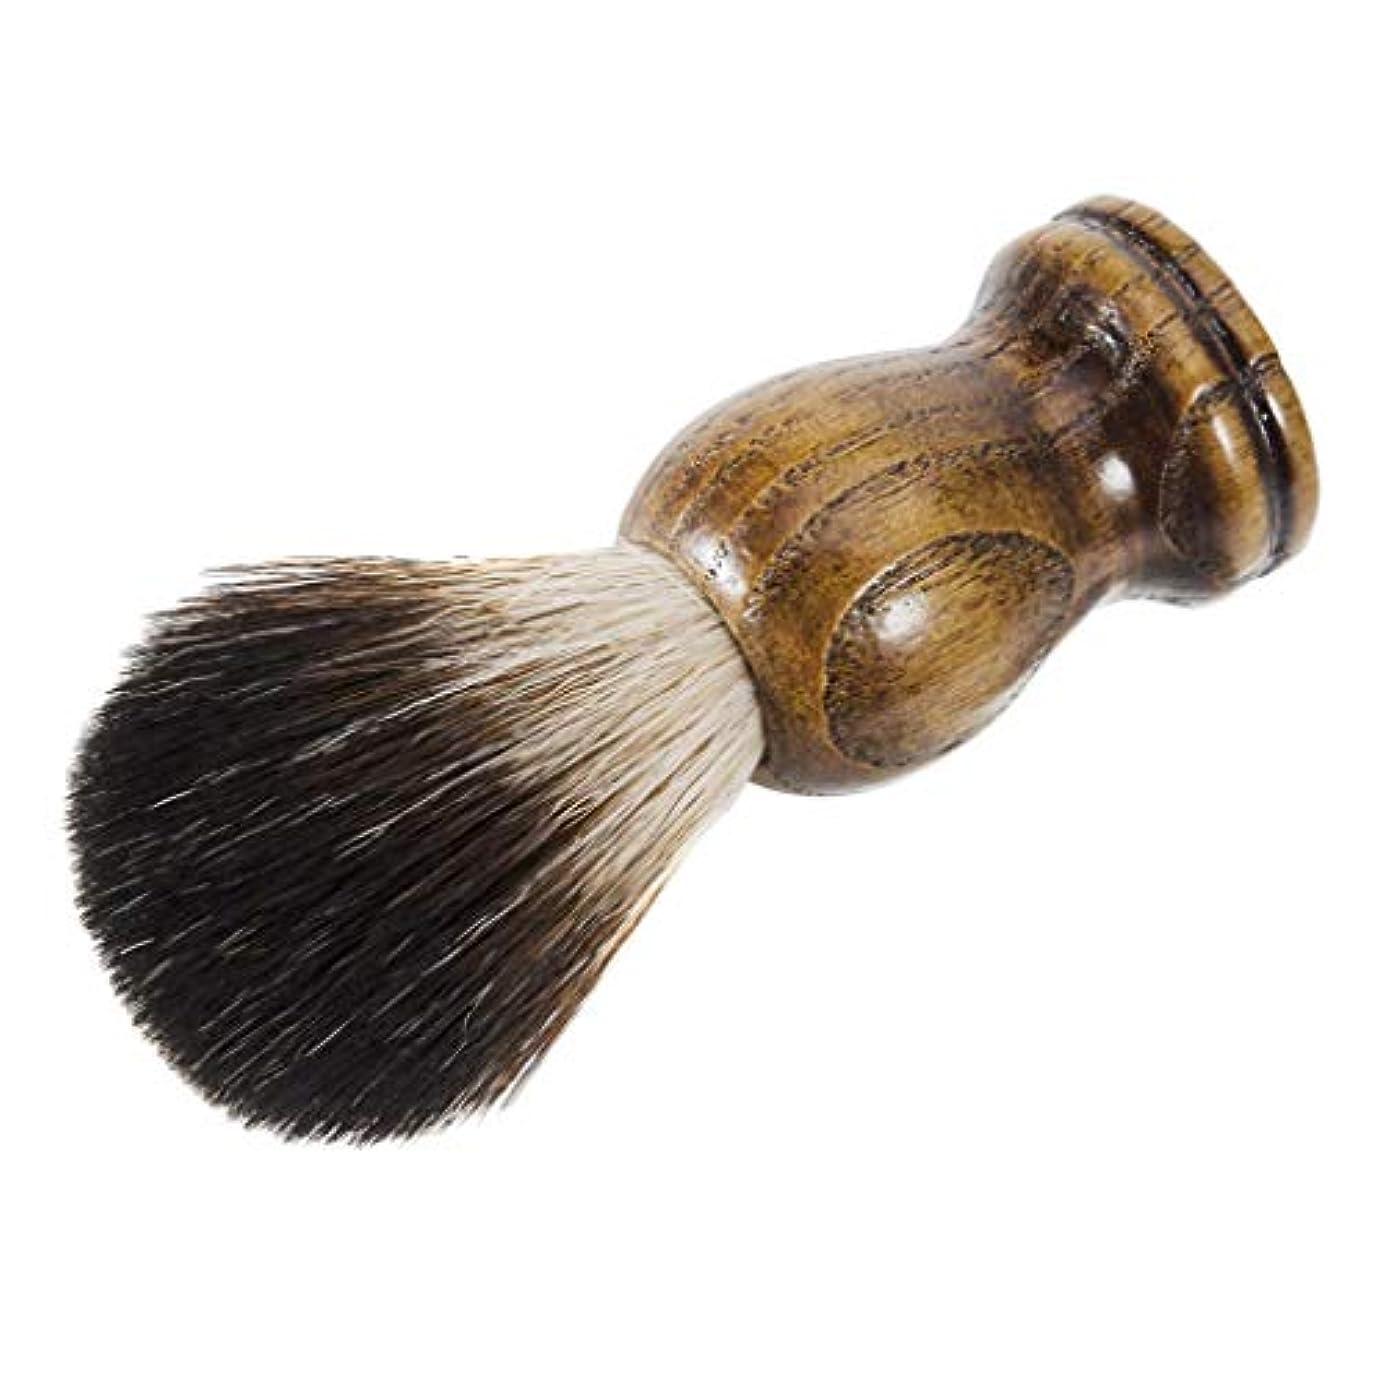 哀軍フォームひげブラシ シェービング ブラシ メンズ 理容 洗顔 髭剃り 泡立ち 父の日 贈り物